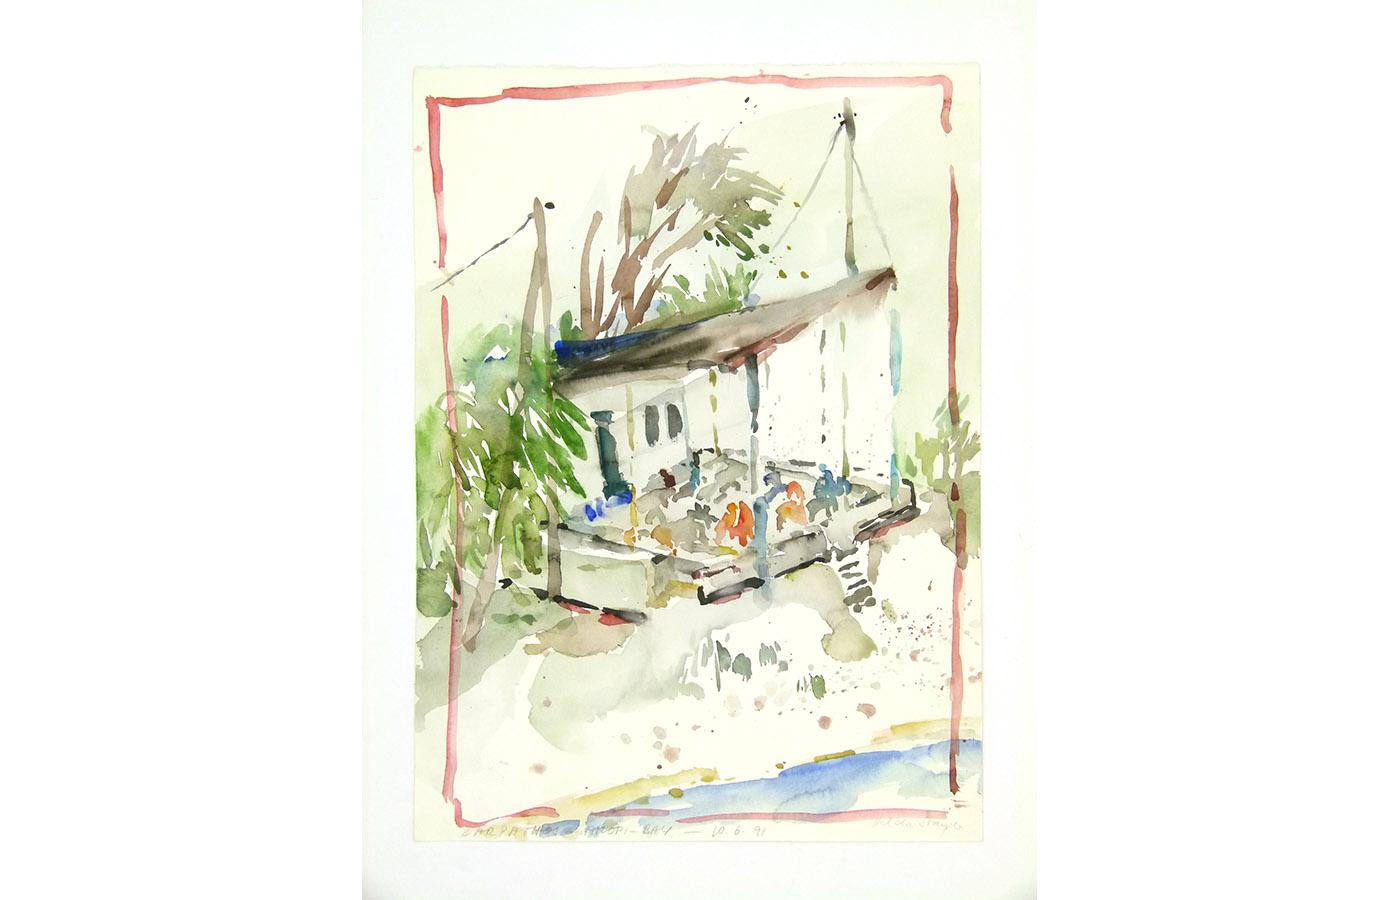 Landschaften und Reisebilder, Aquarell, 1991 bis 1993_0019_L1110054a